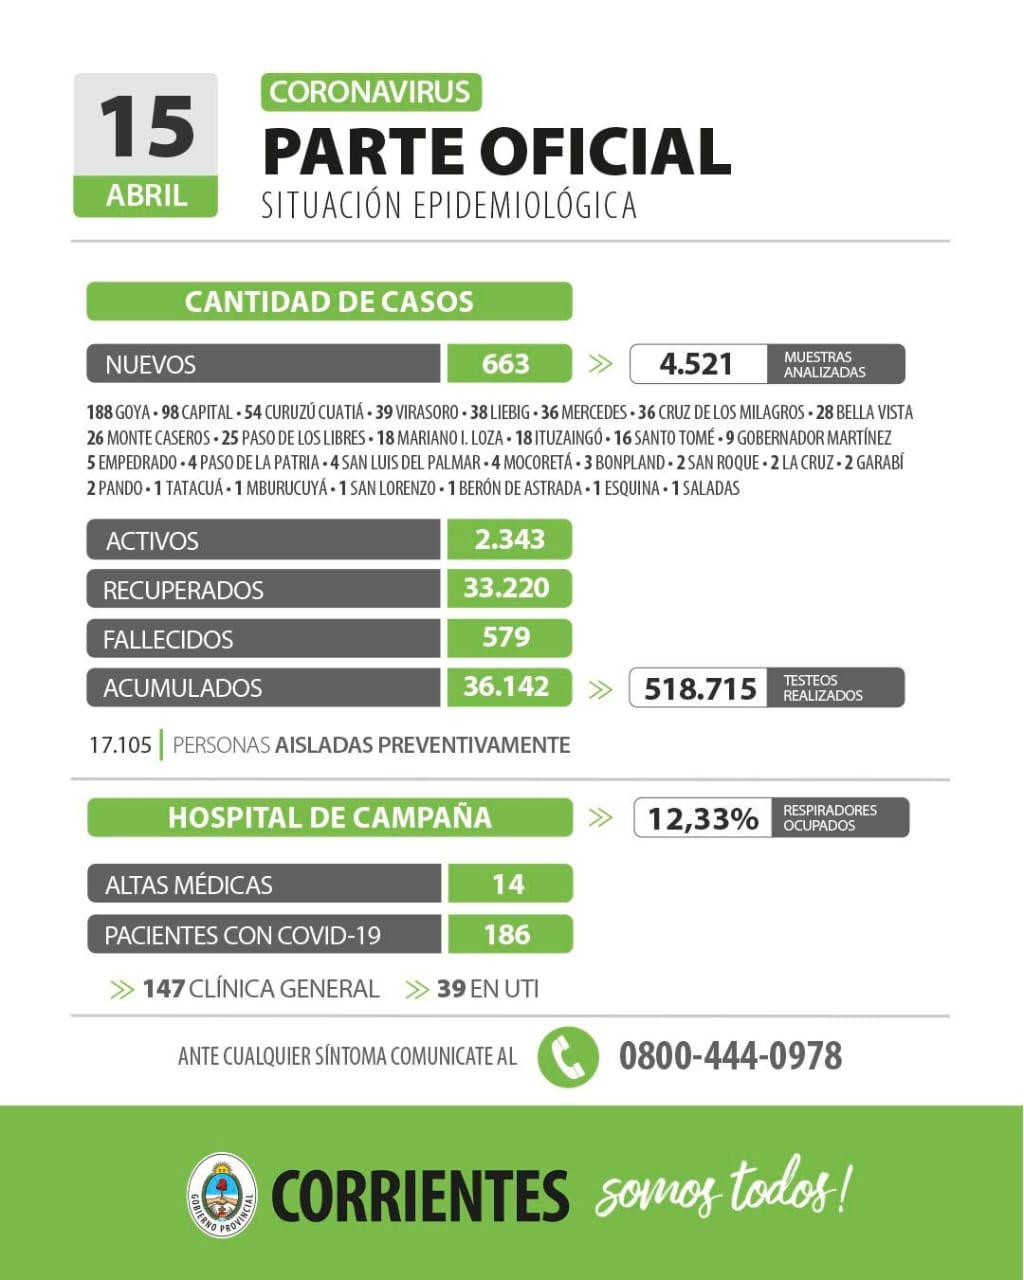 Corrientes registró 663 casos nuevos por coronavirus